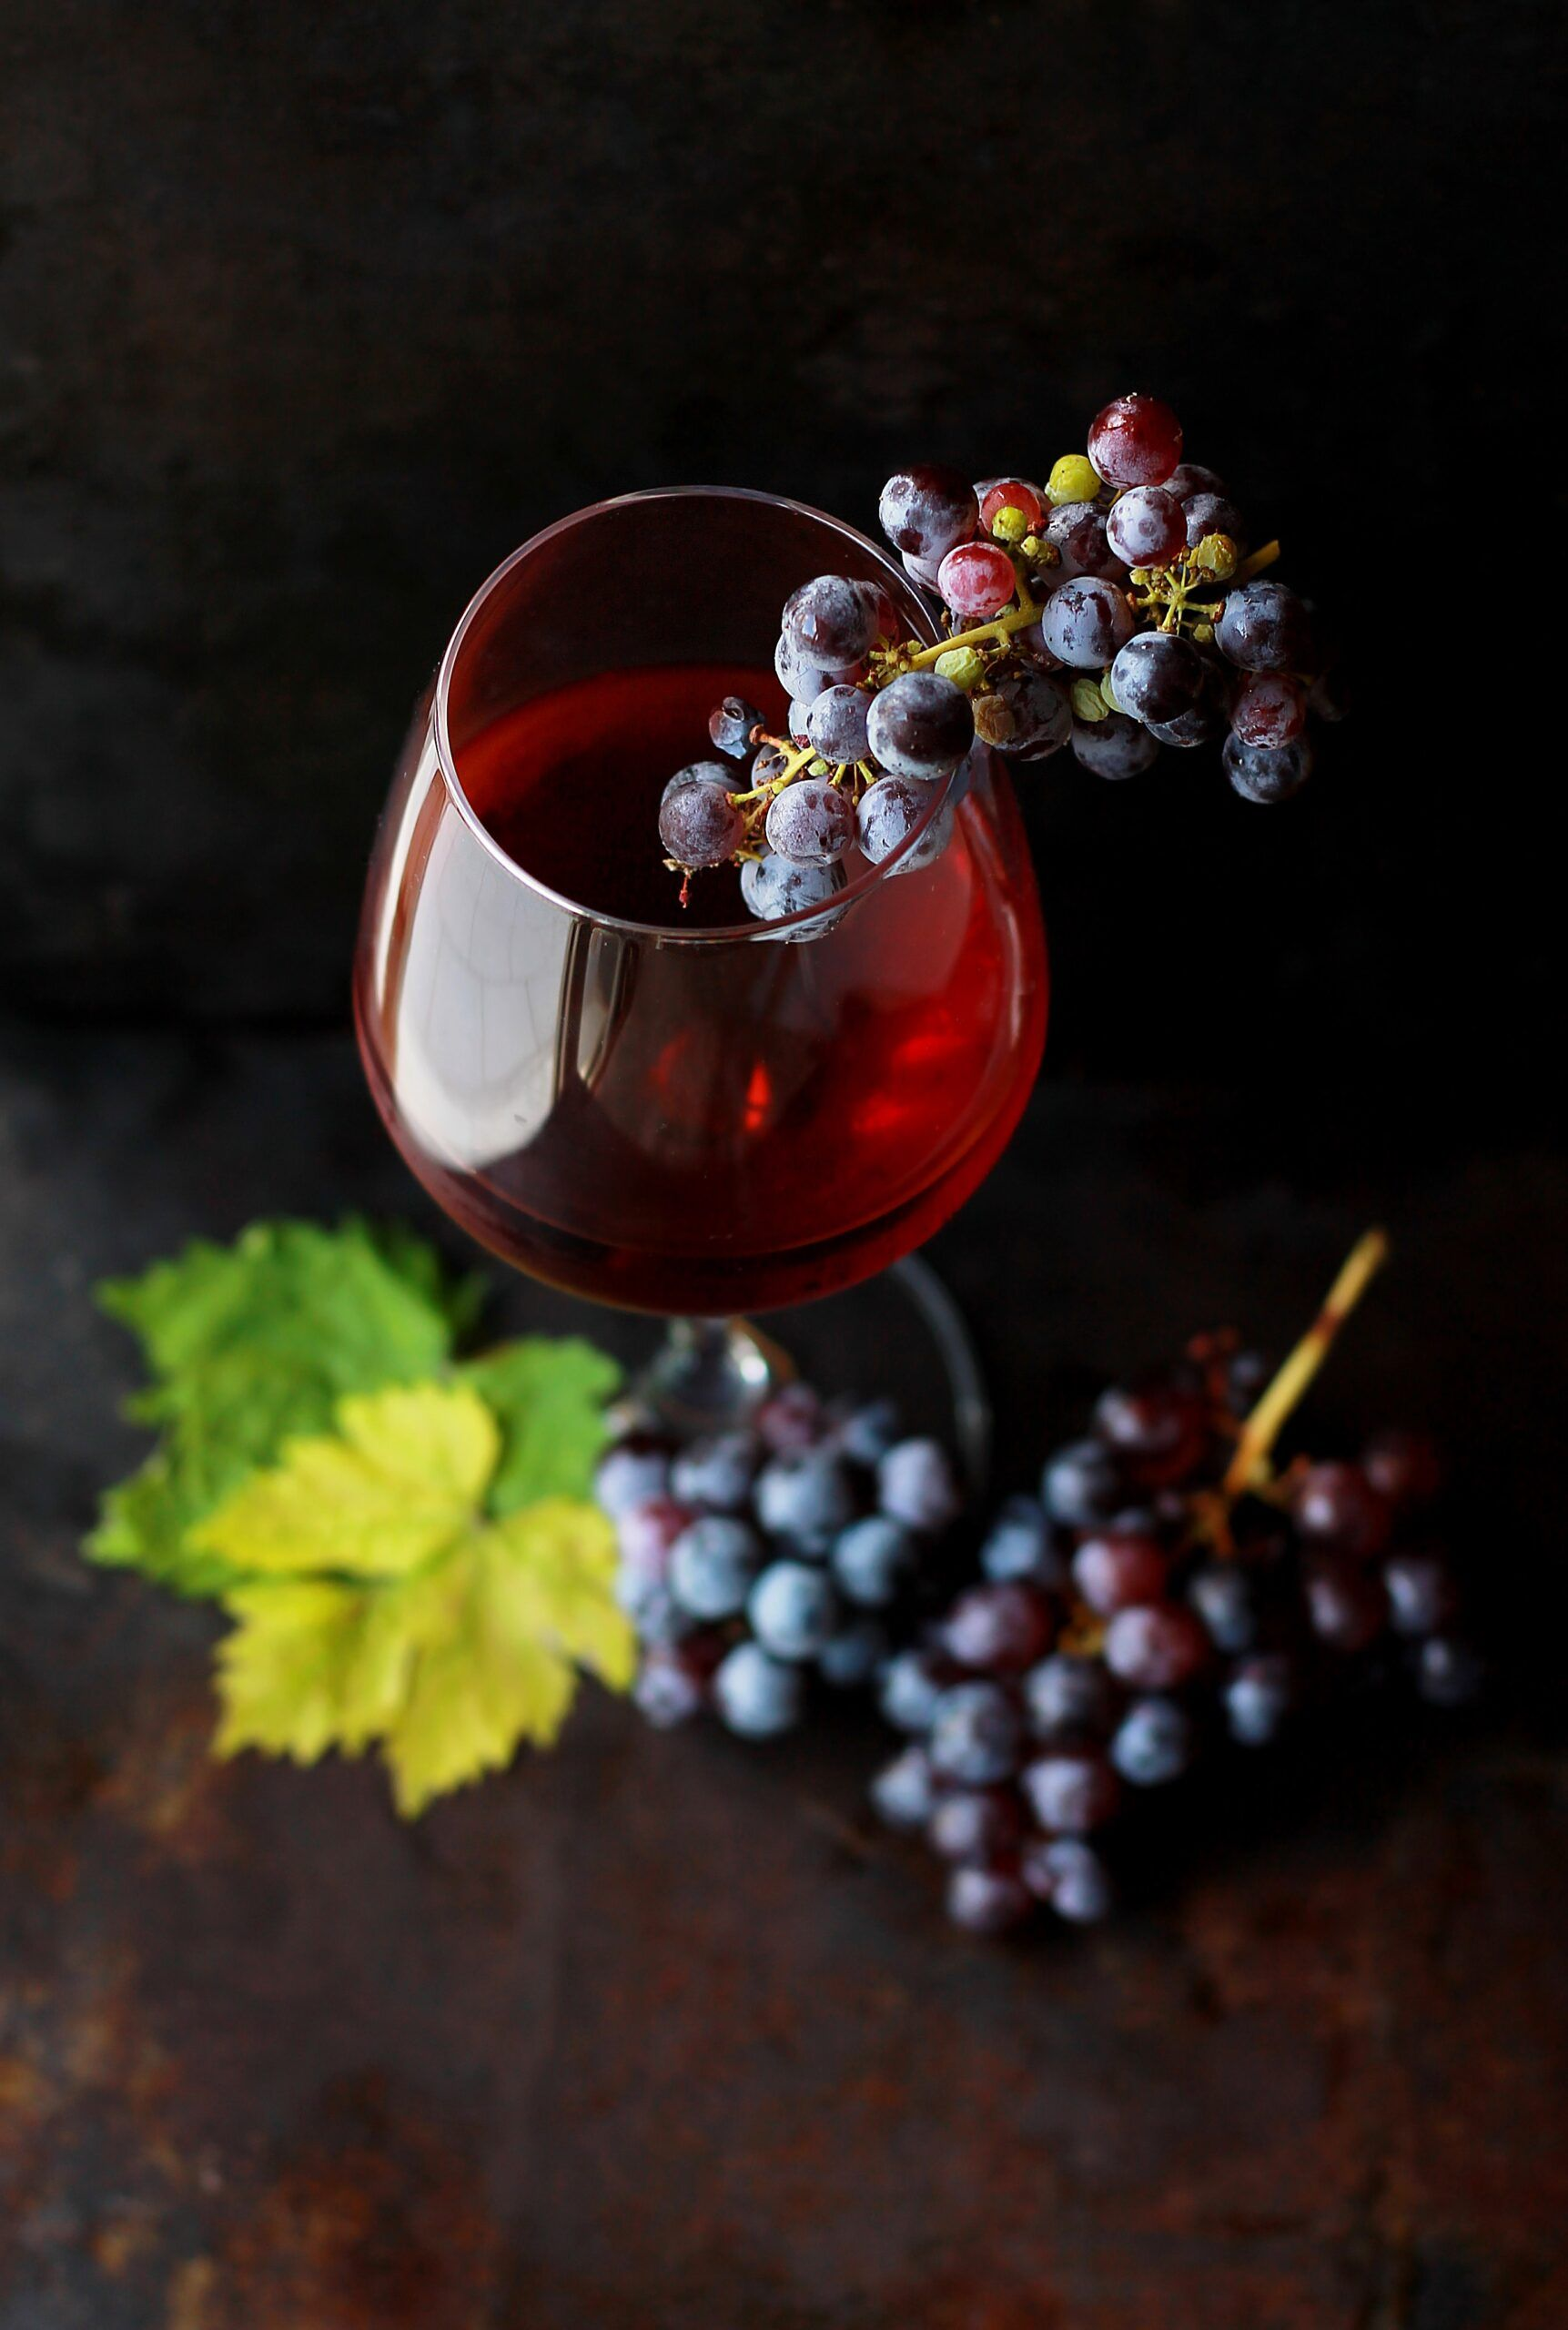 maceración_del_vino